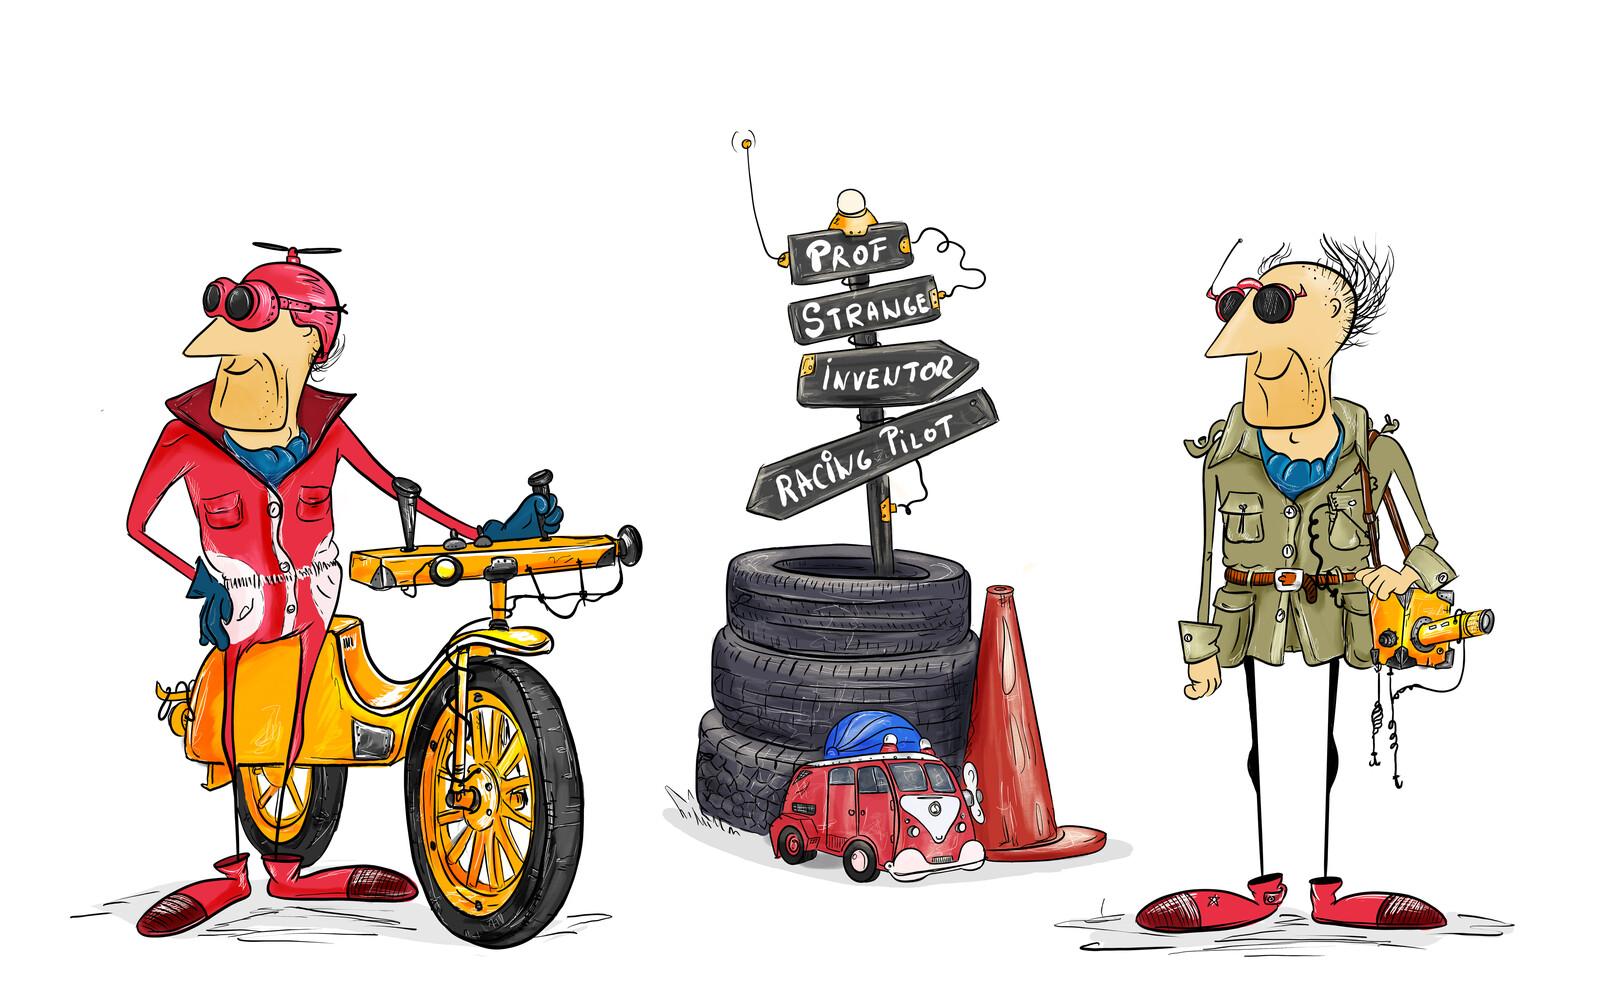 Prof. Strange (scientist, inventor, racing pilot)